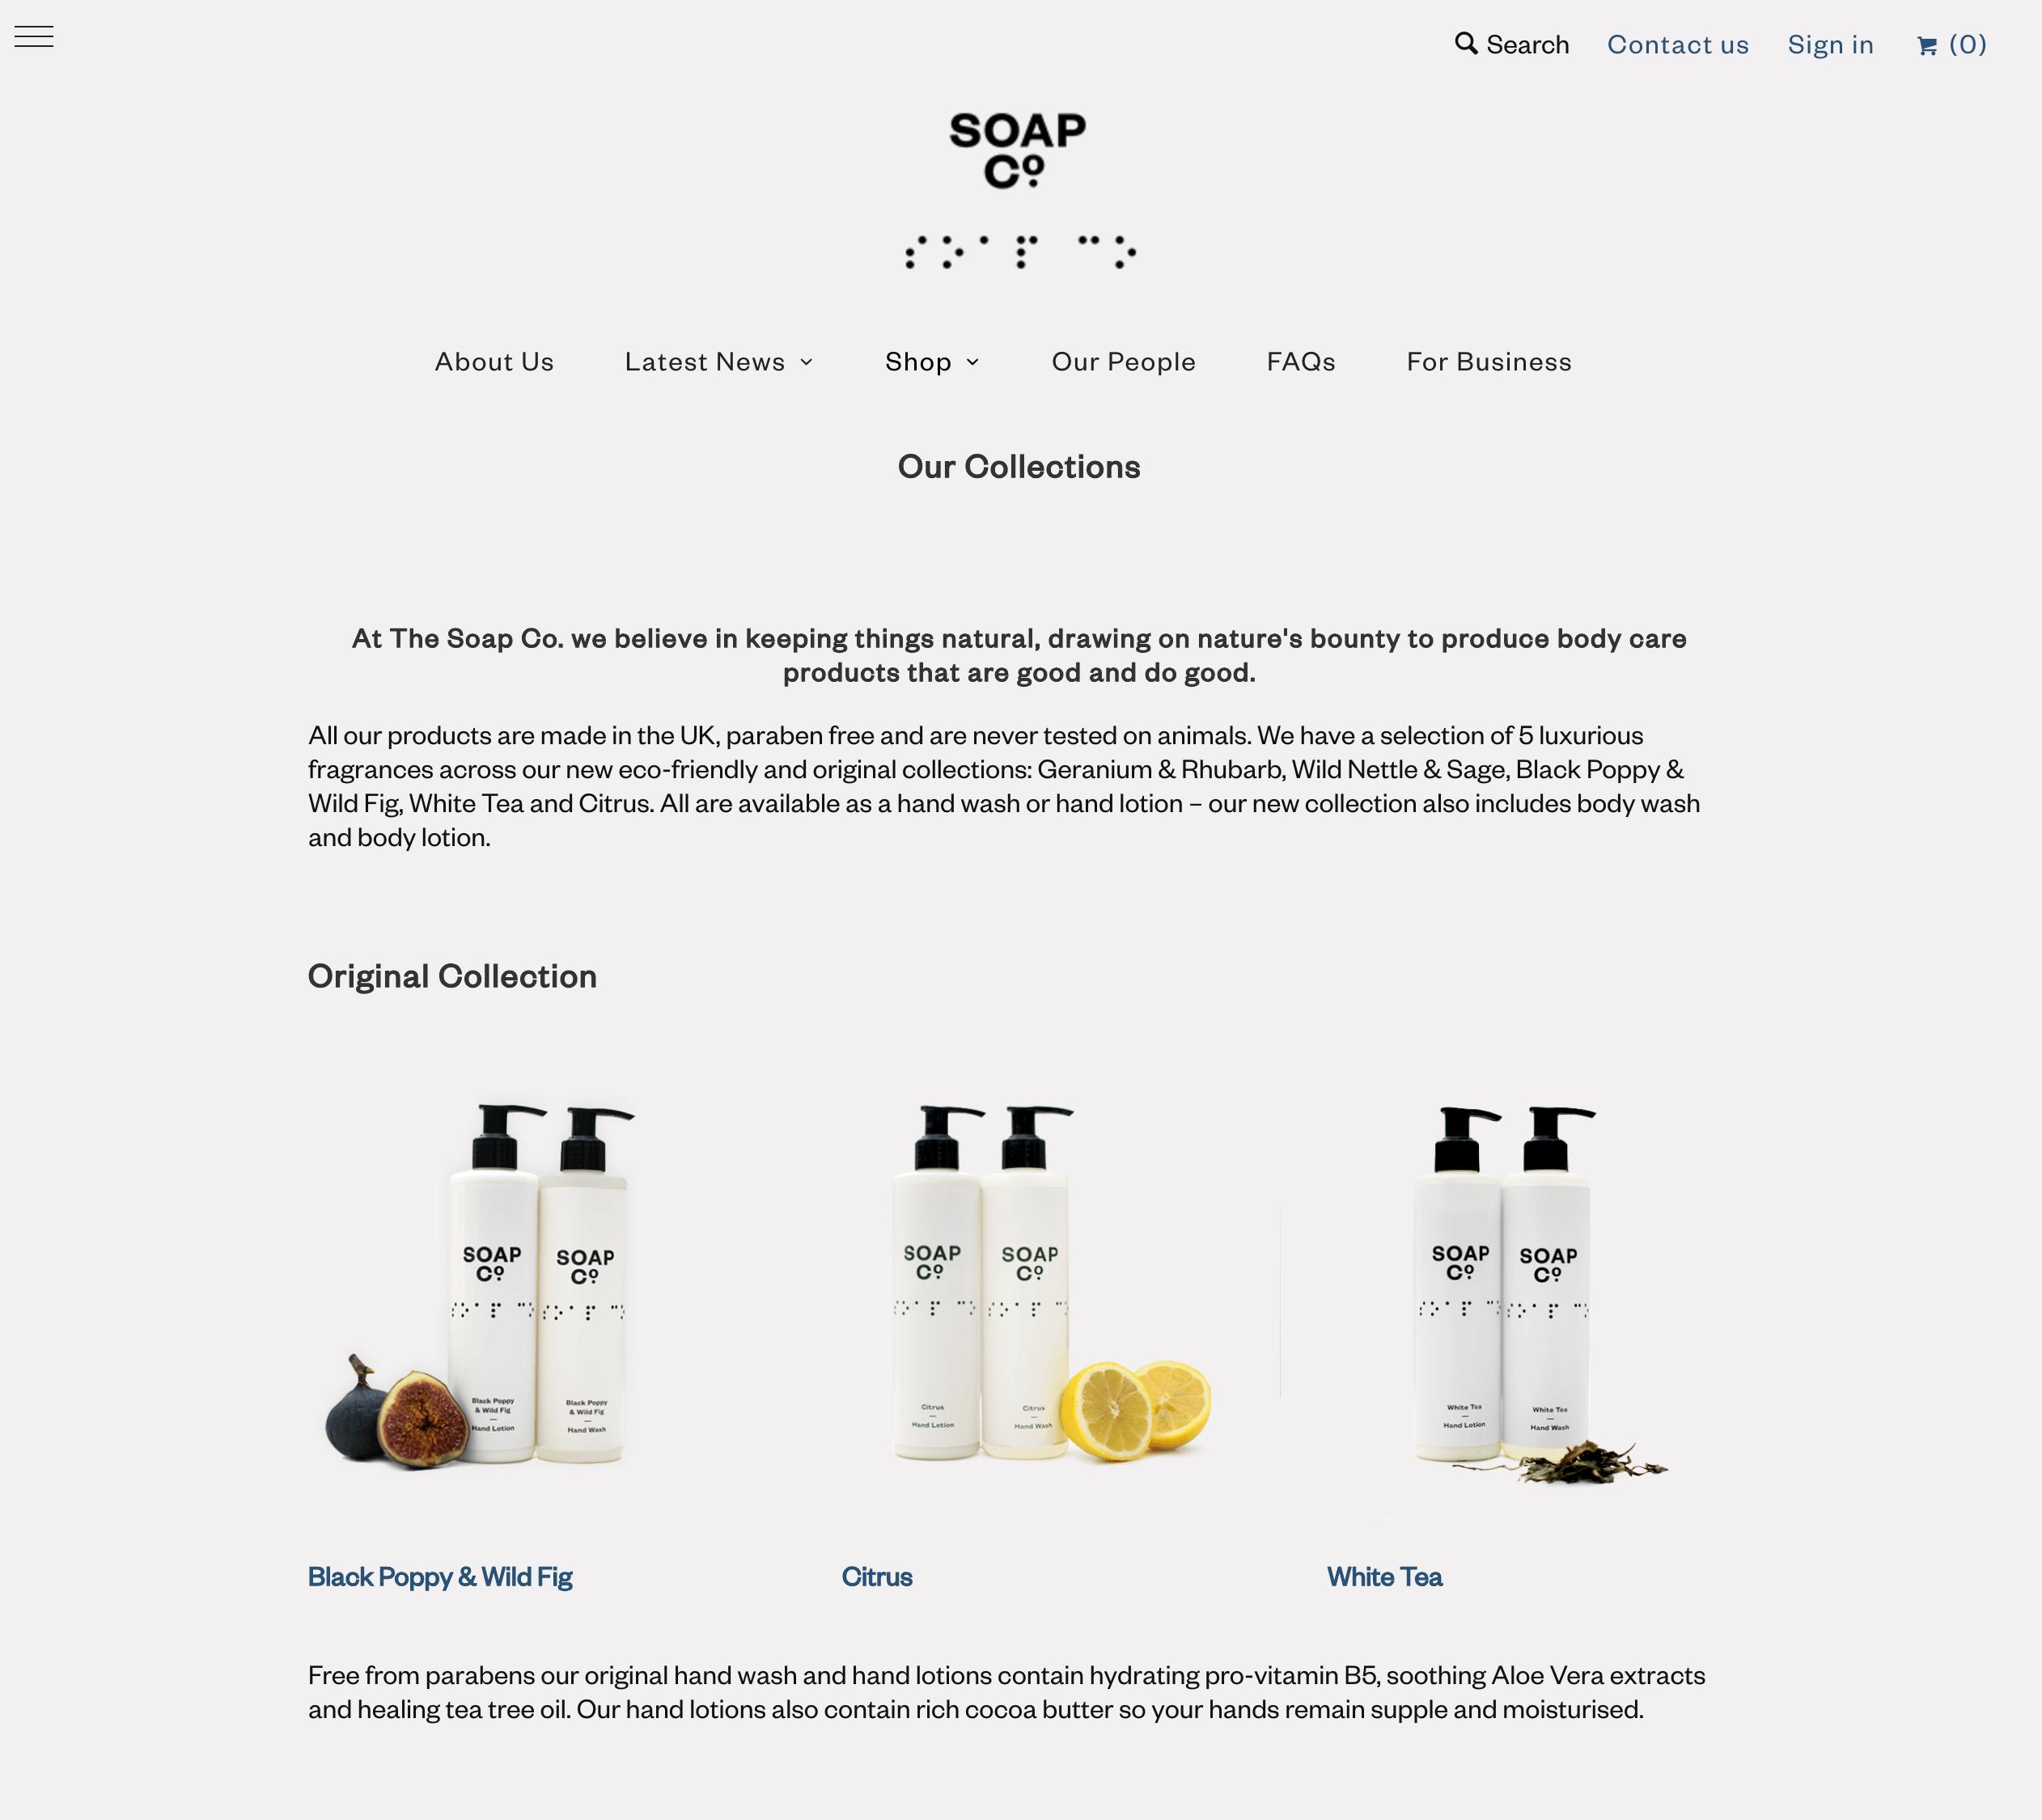 shoap-co ecommerce design